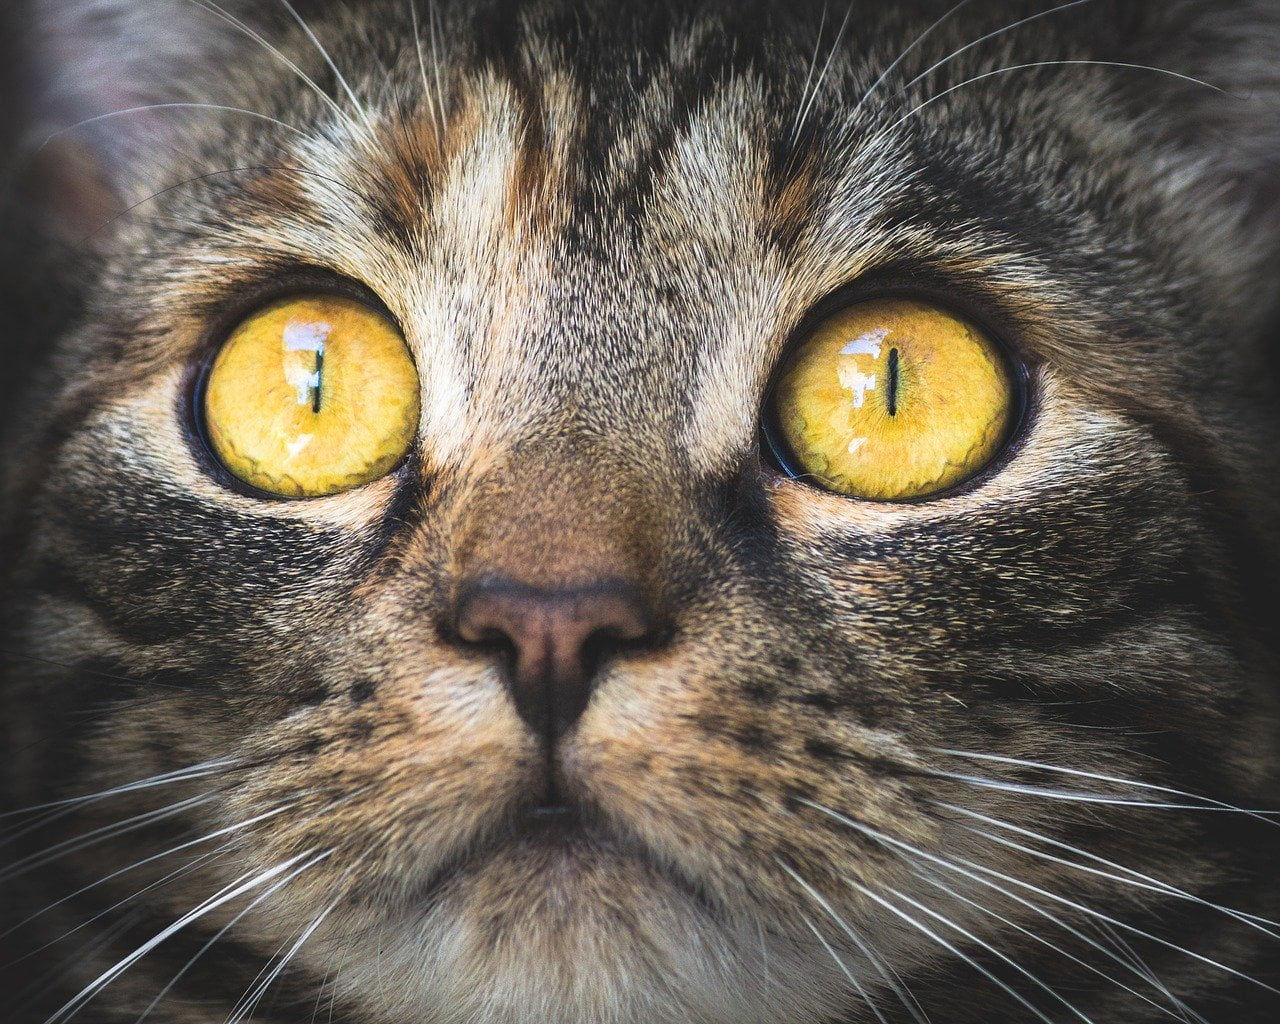 Kocie oczy - jak rozumieć spojrzenie kota?